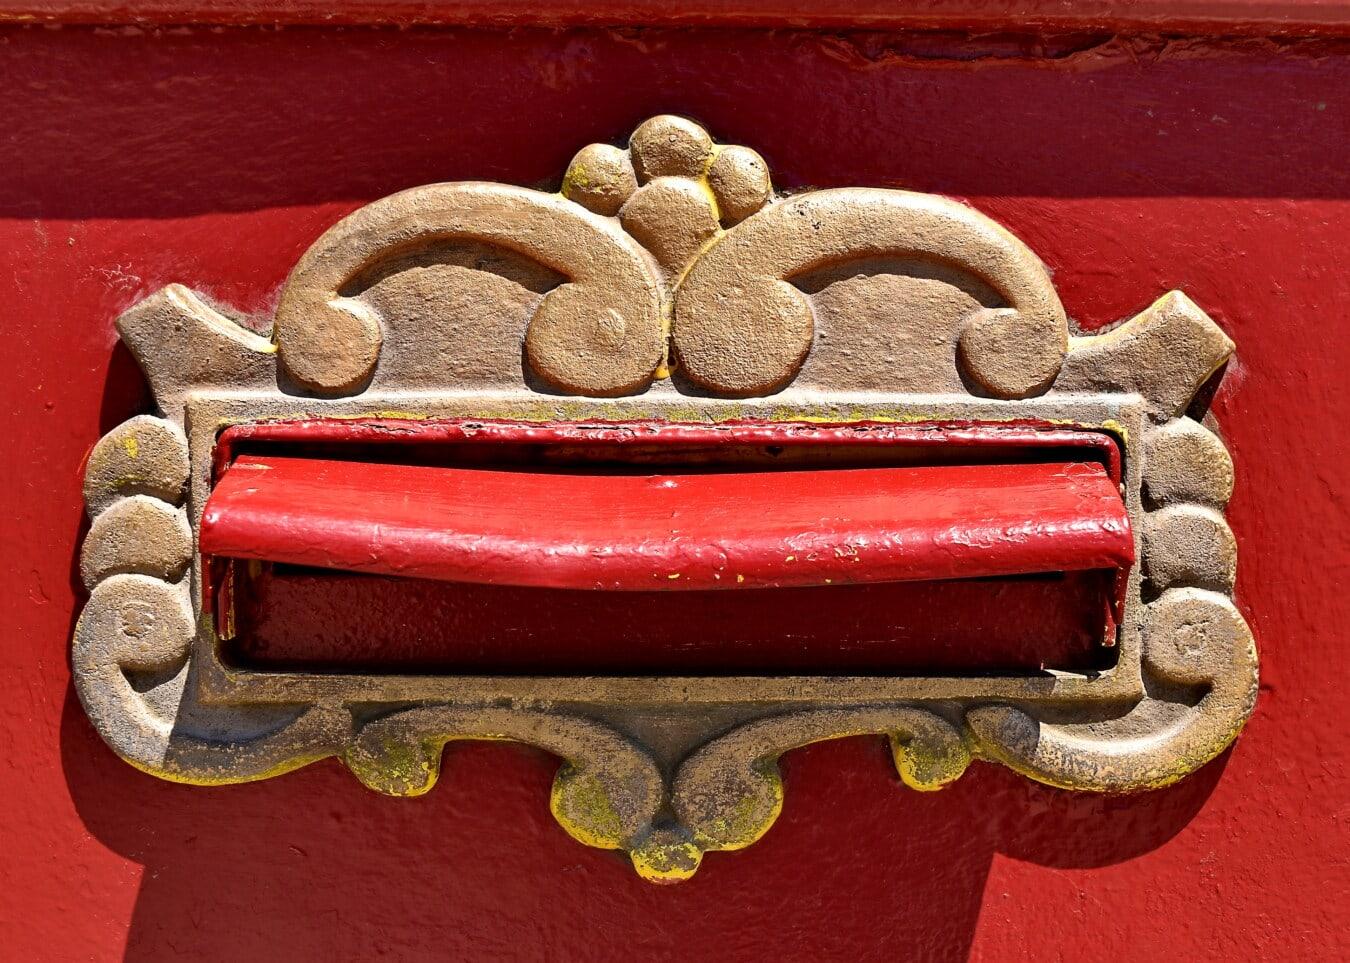 fente de courrier, fer de fonte, boîte aux lettres, bronze, en laiton, décoratifs, unique, décoration, vieux, texture